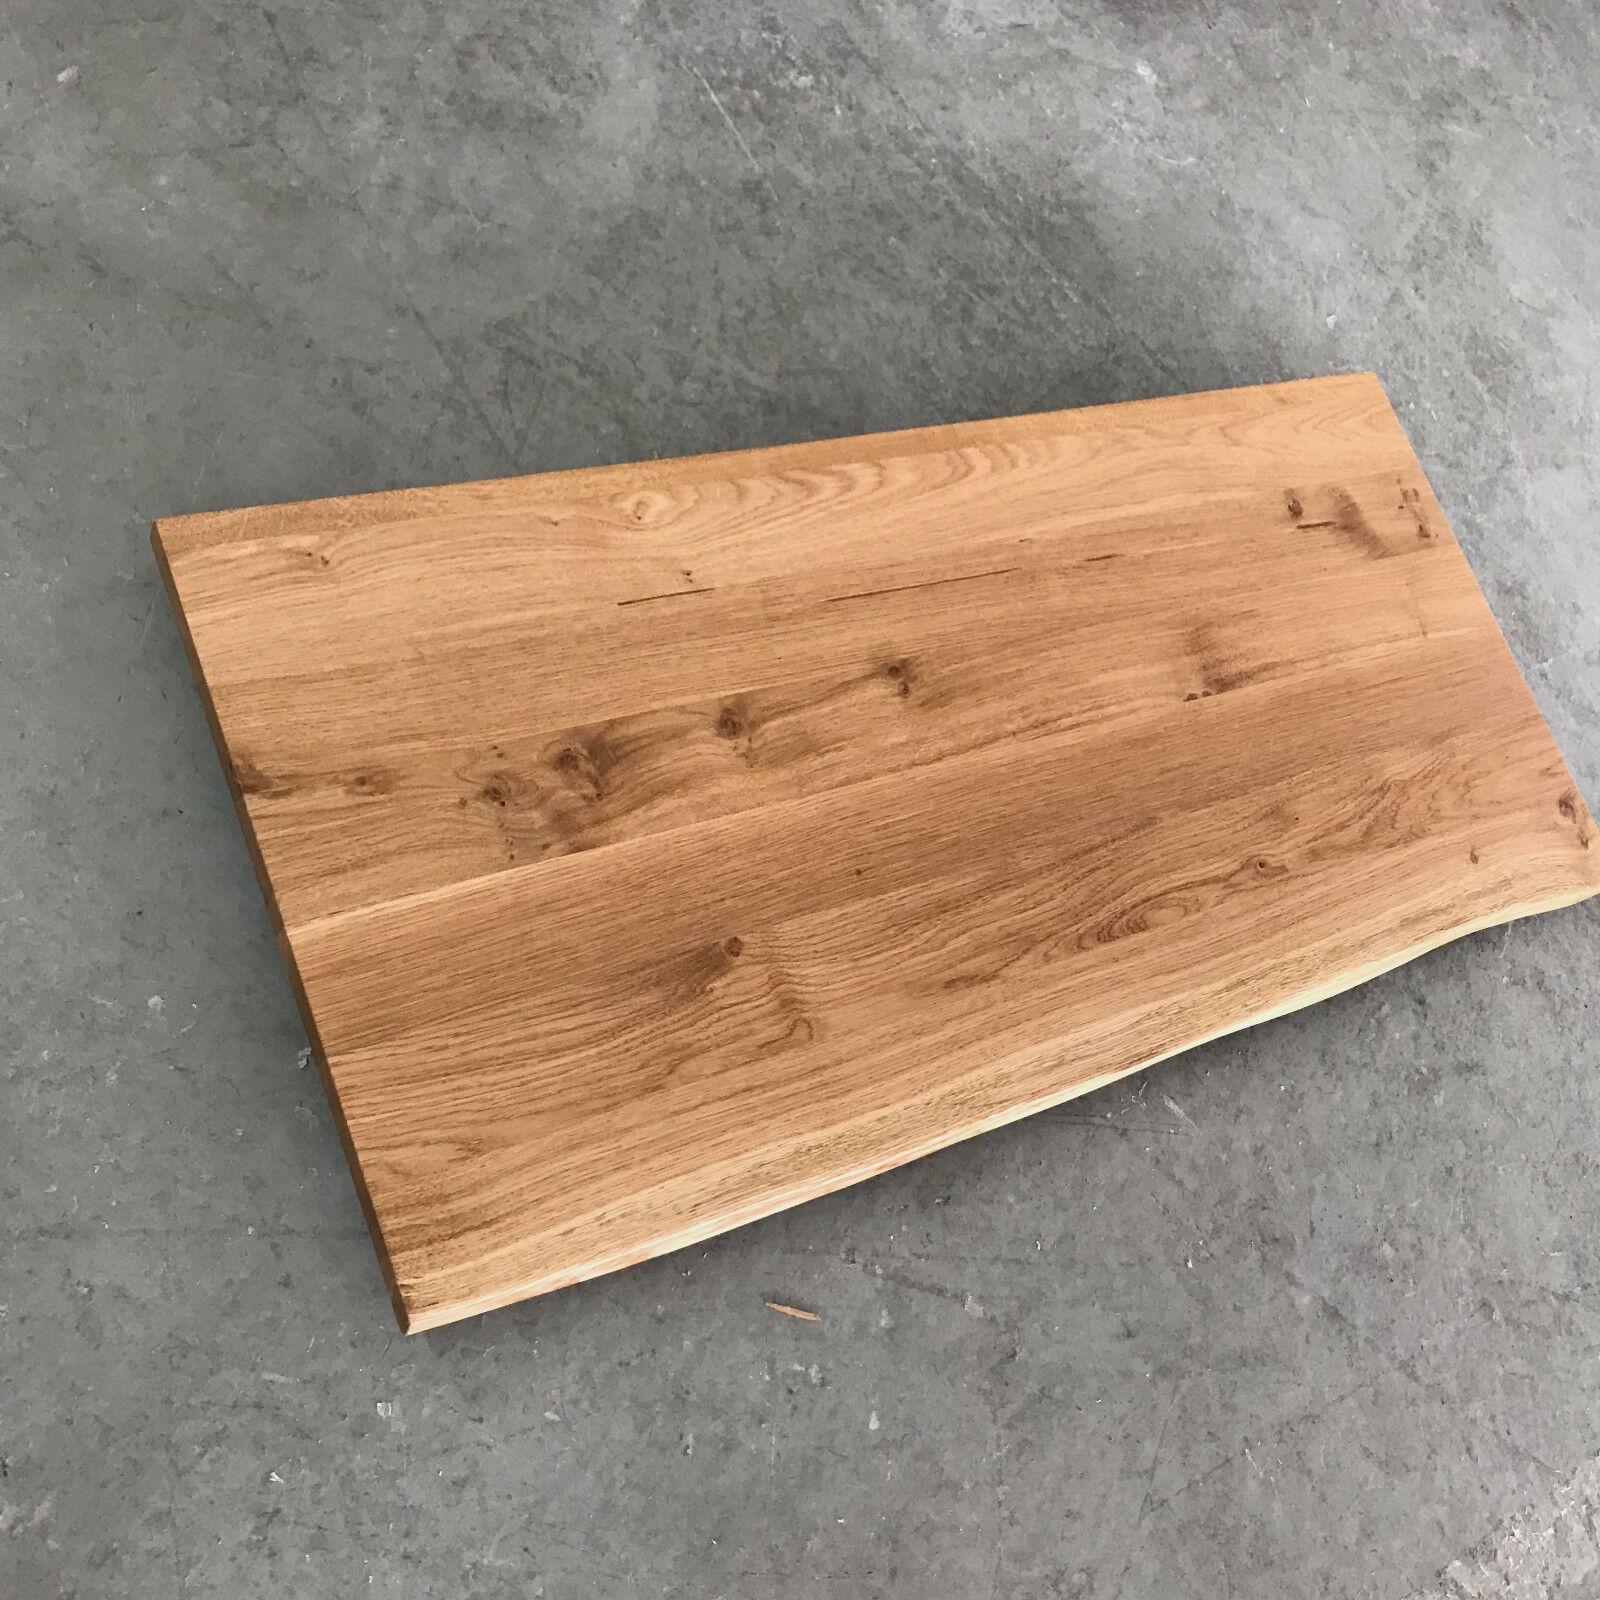 tischplatte platte eiche massiv holz neu tisch brett leimholz mit baumkante eur 148 00. Black Bedroom Furniture Sets. Home Design Ideas